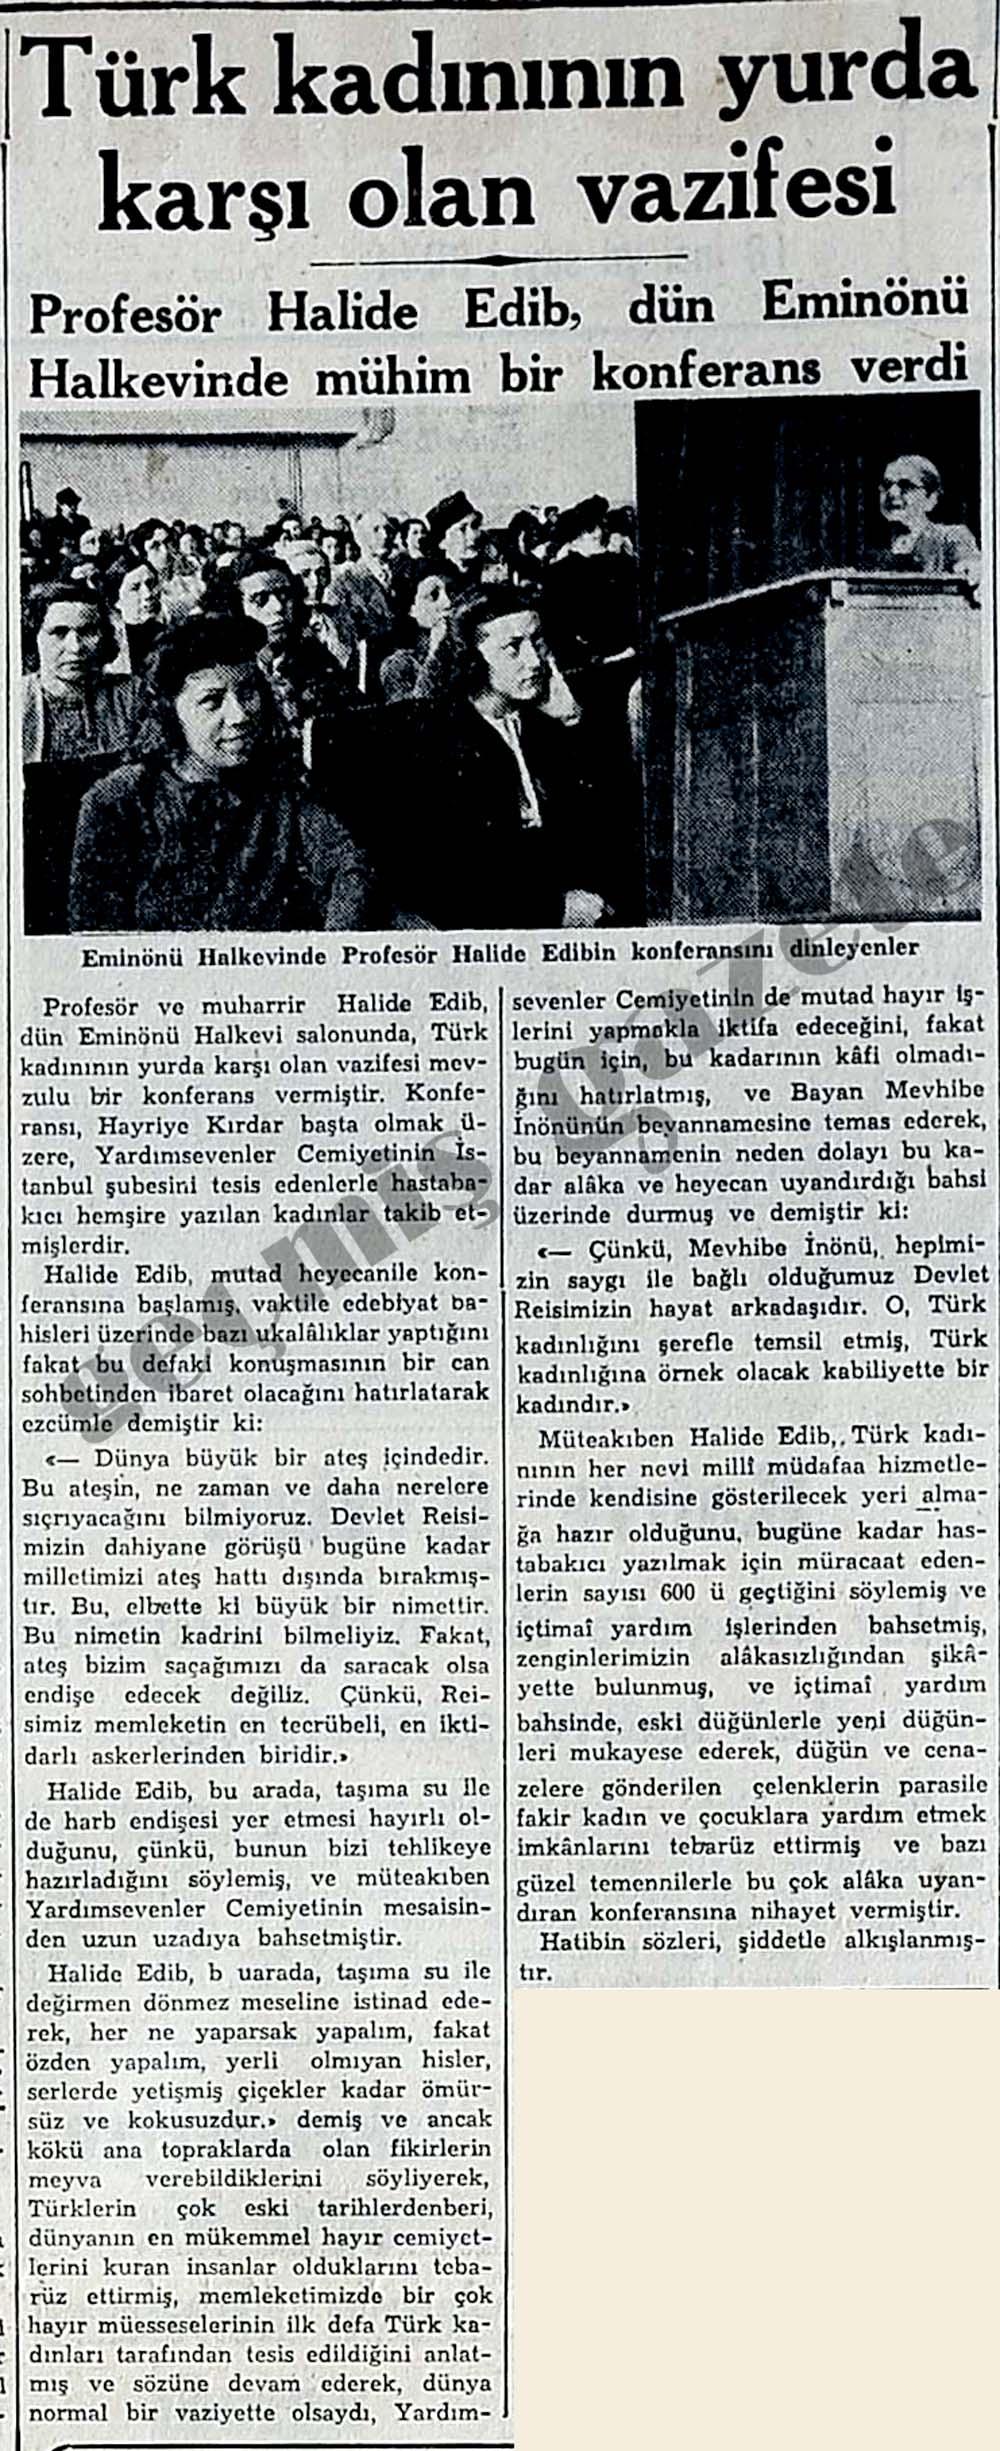 Türk kadınının yurda karşı olan vazifesi